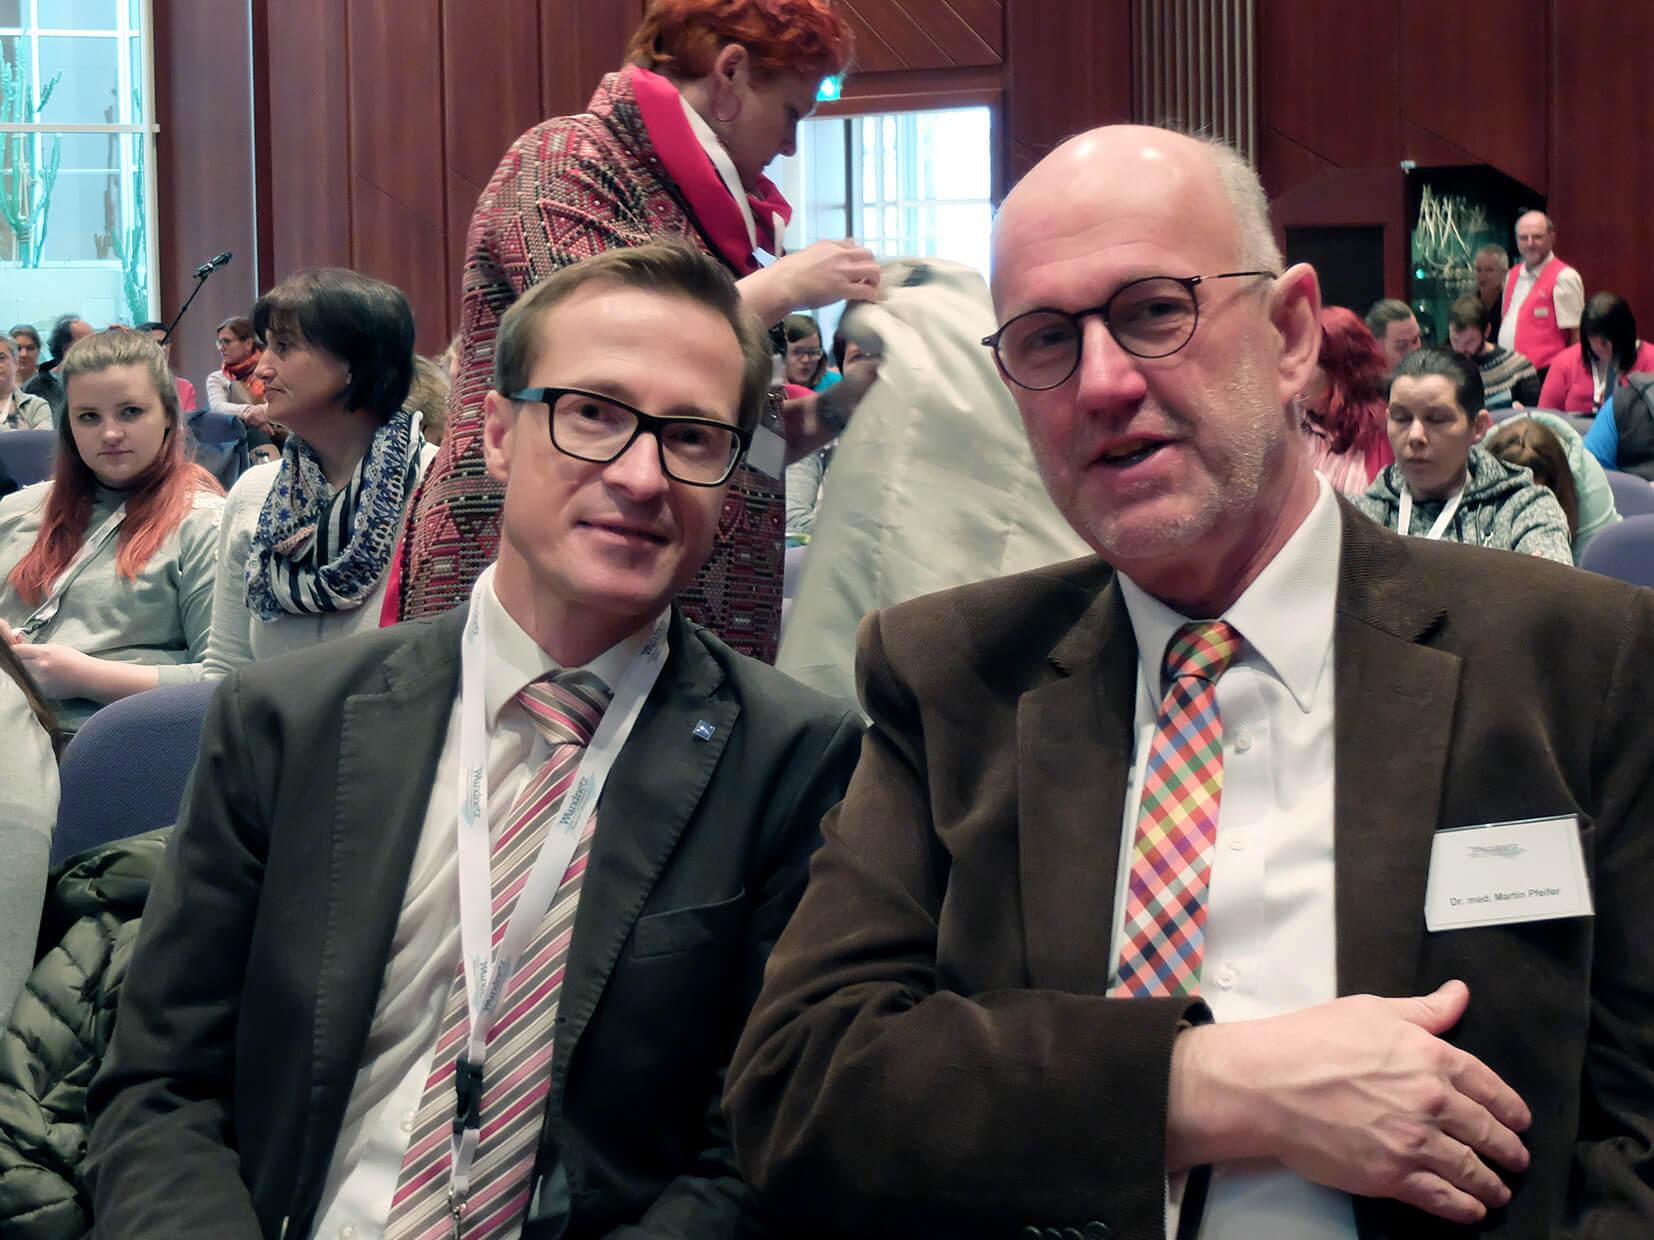 Herr Ruggaber und Herr Pfeifer beim Wundsymposium